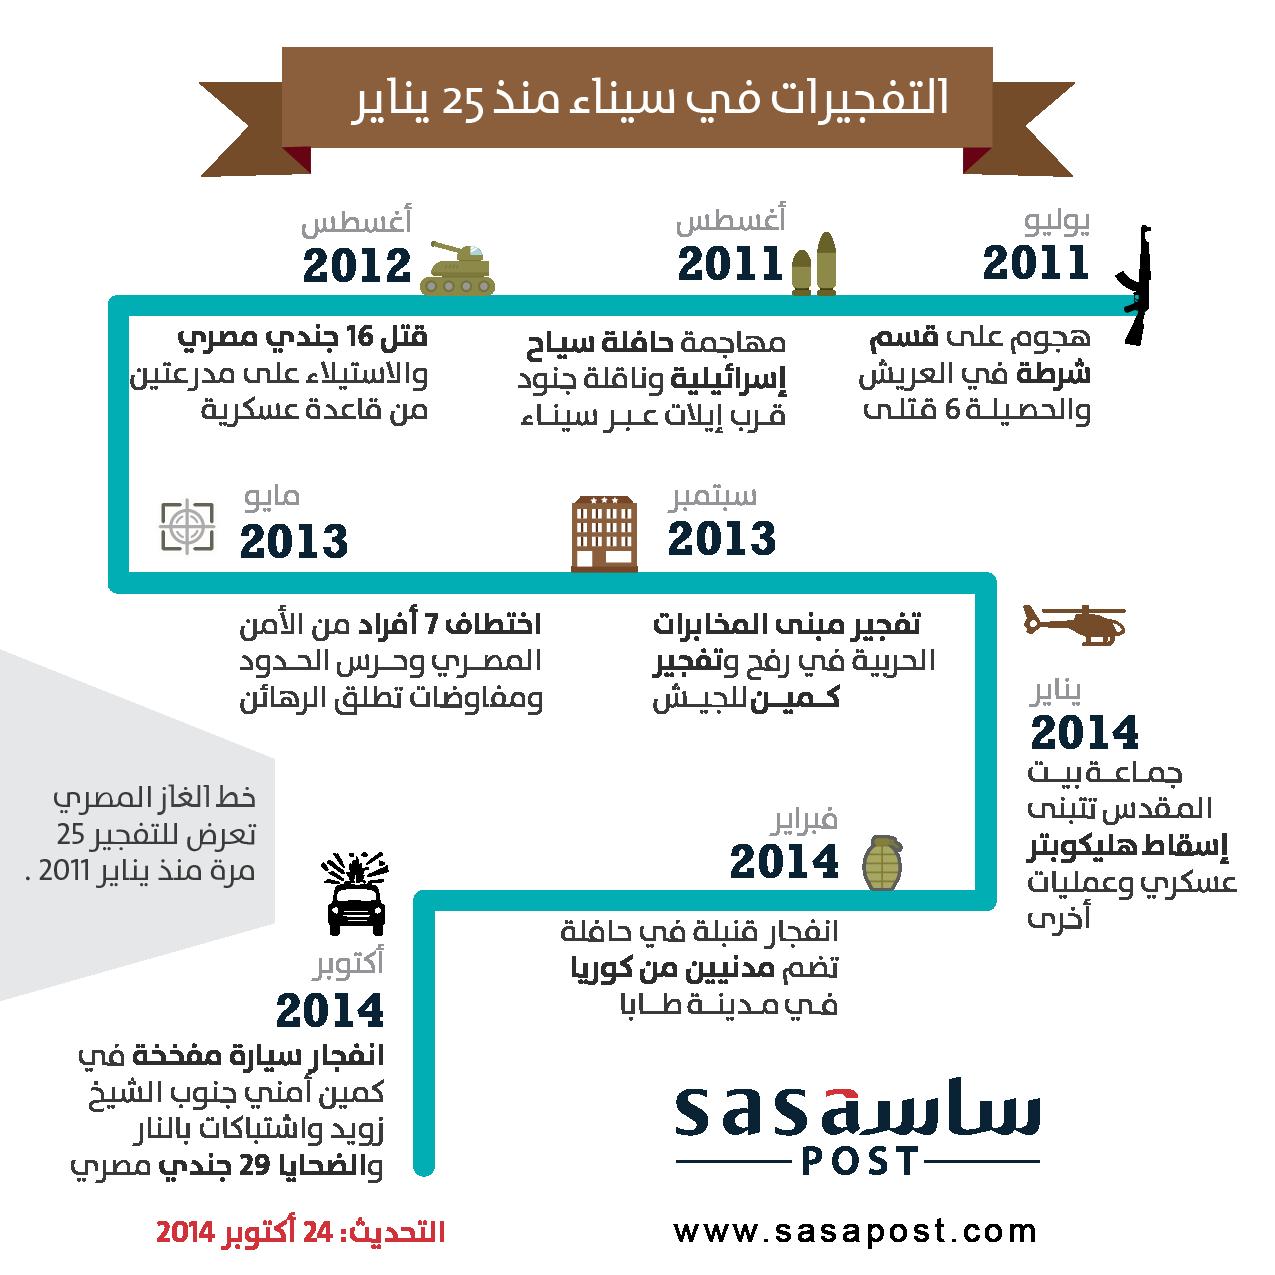 العمليات المسلحة والخسائر البشرية في سيناء منذ ثورة يناير وبلغ عدد القتلى منذ ثورة يناير و حتى اليوم 997 قتيل.